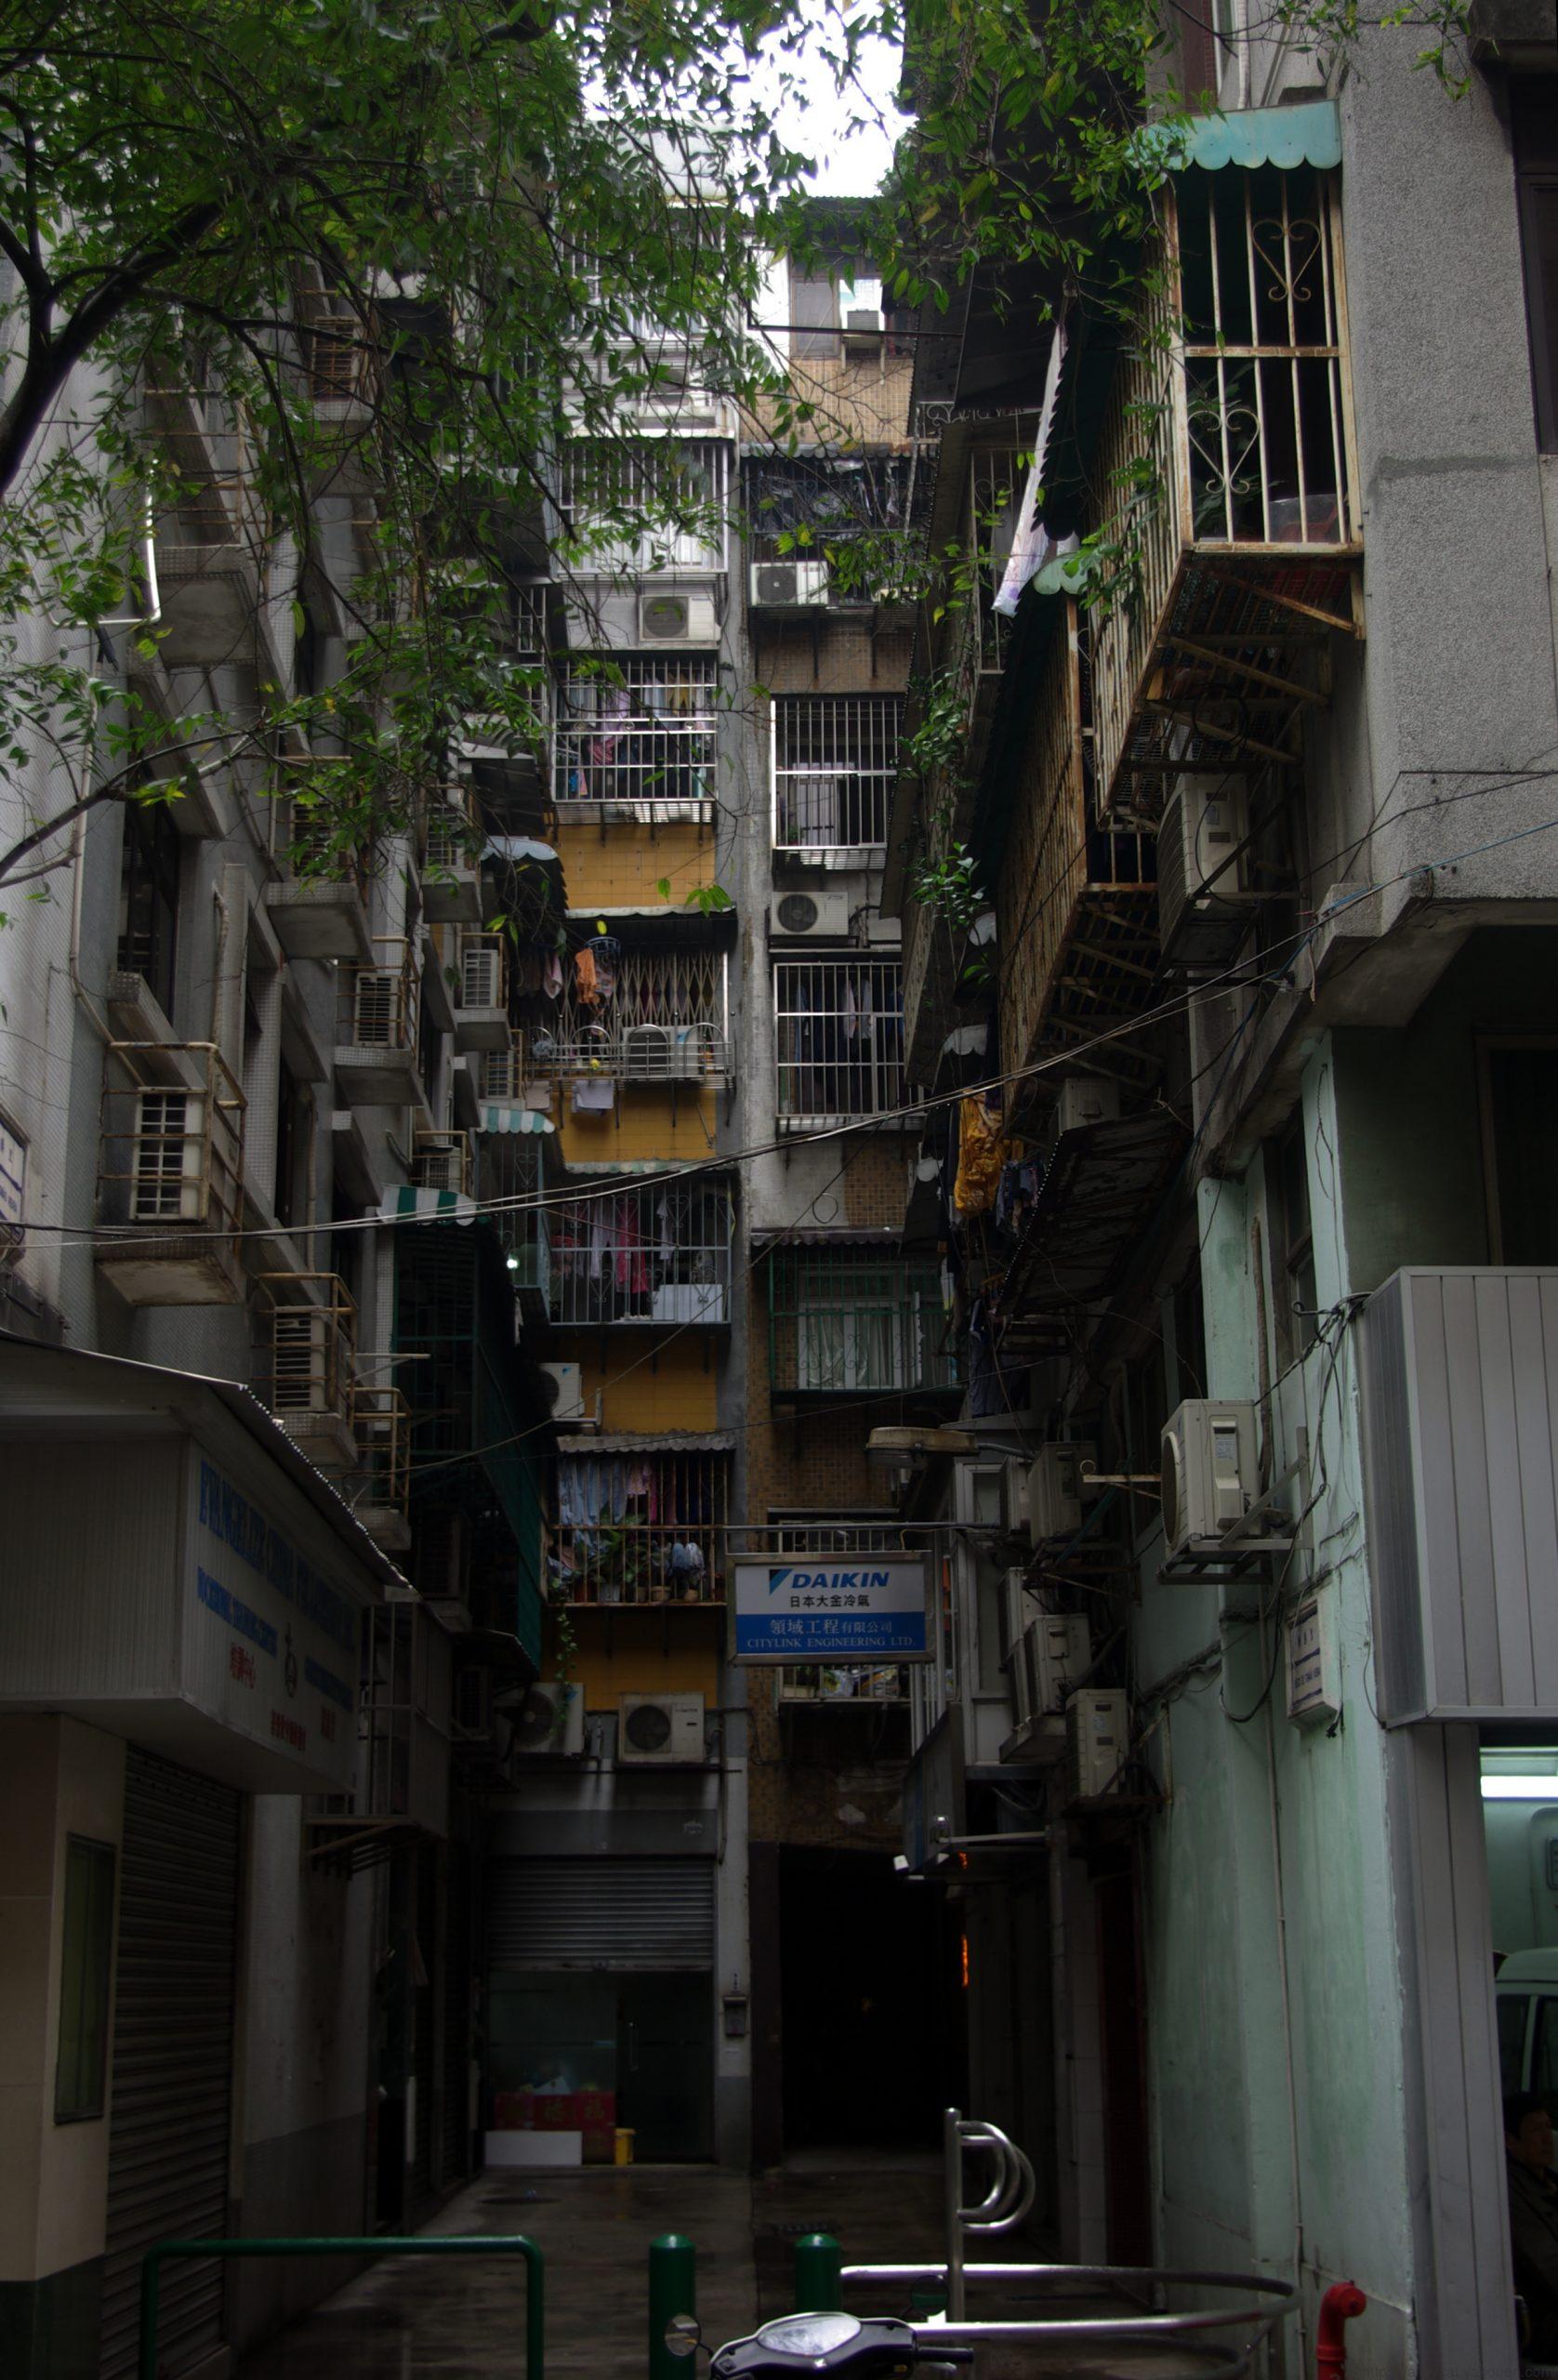 Macau, 2018